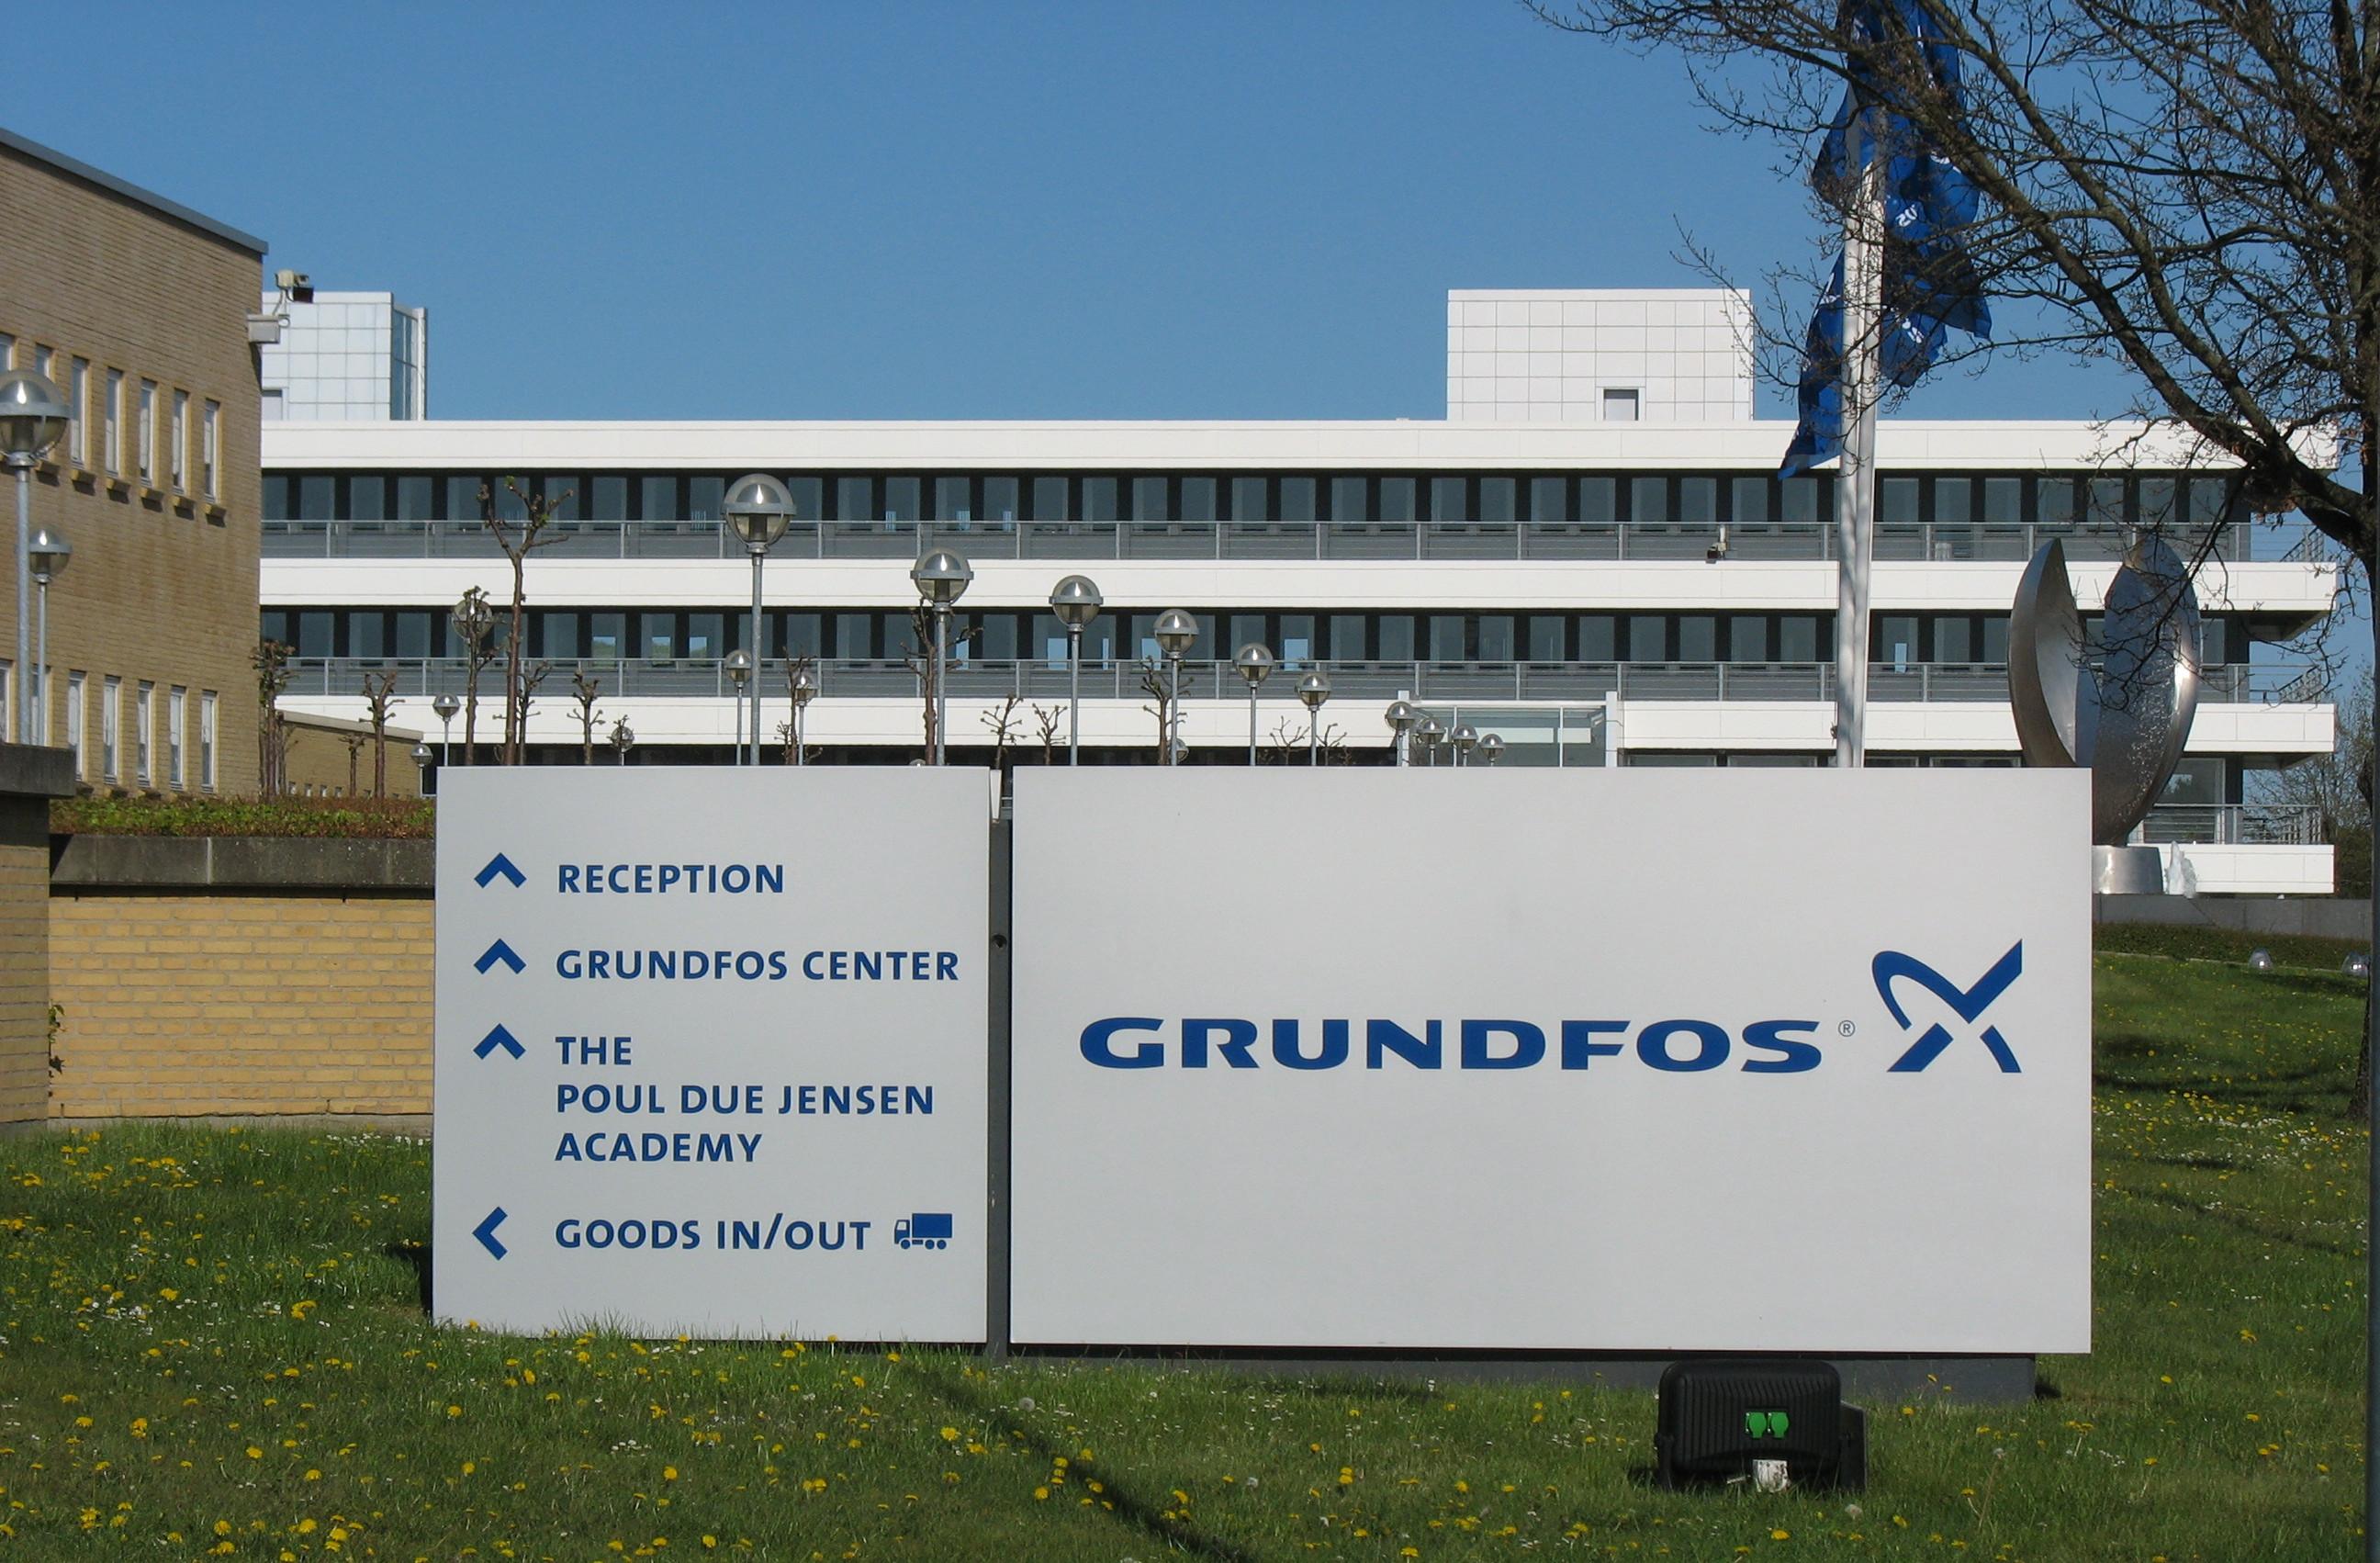 nogensinde populær 100% autentisk bedste værdi Grundfos - Wikipedia